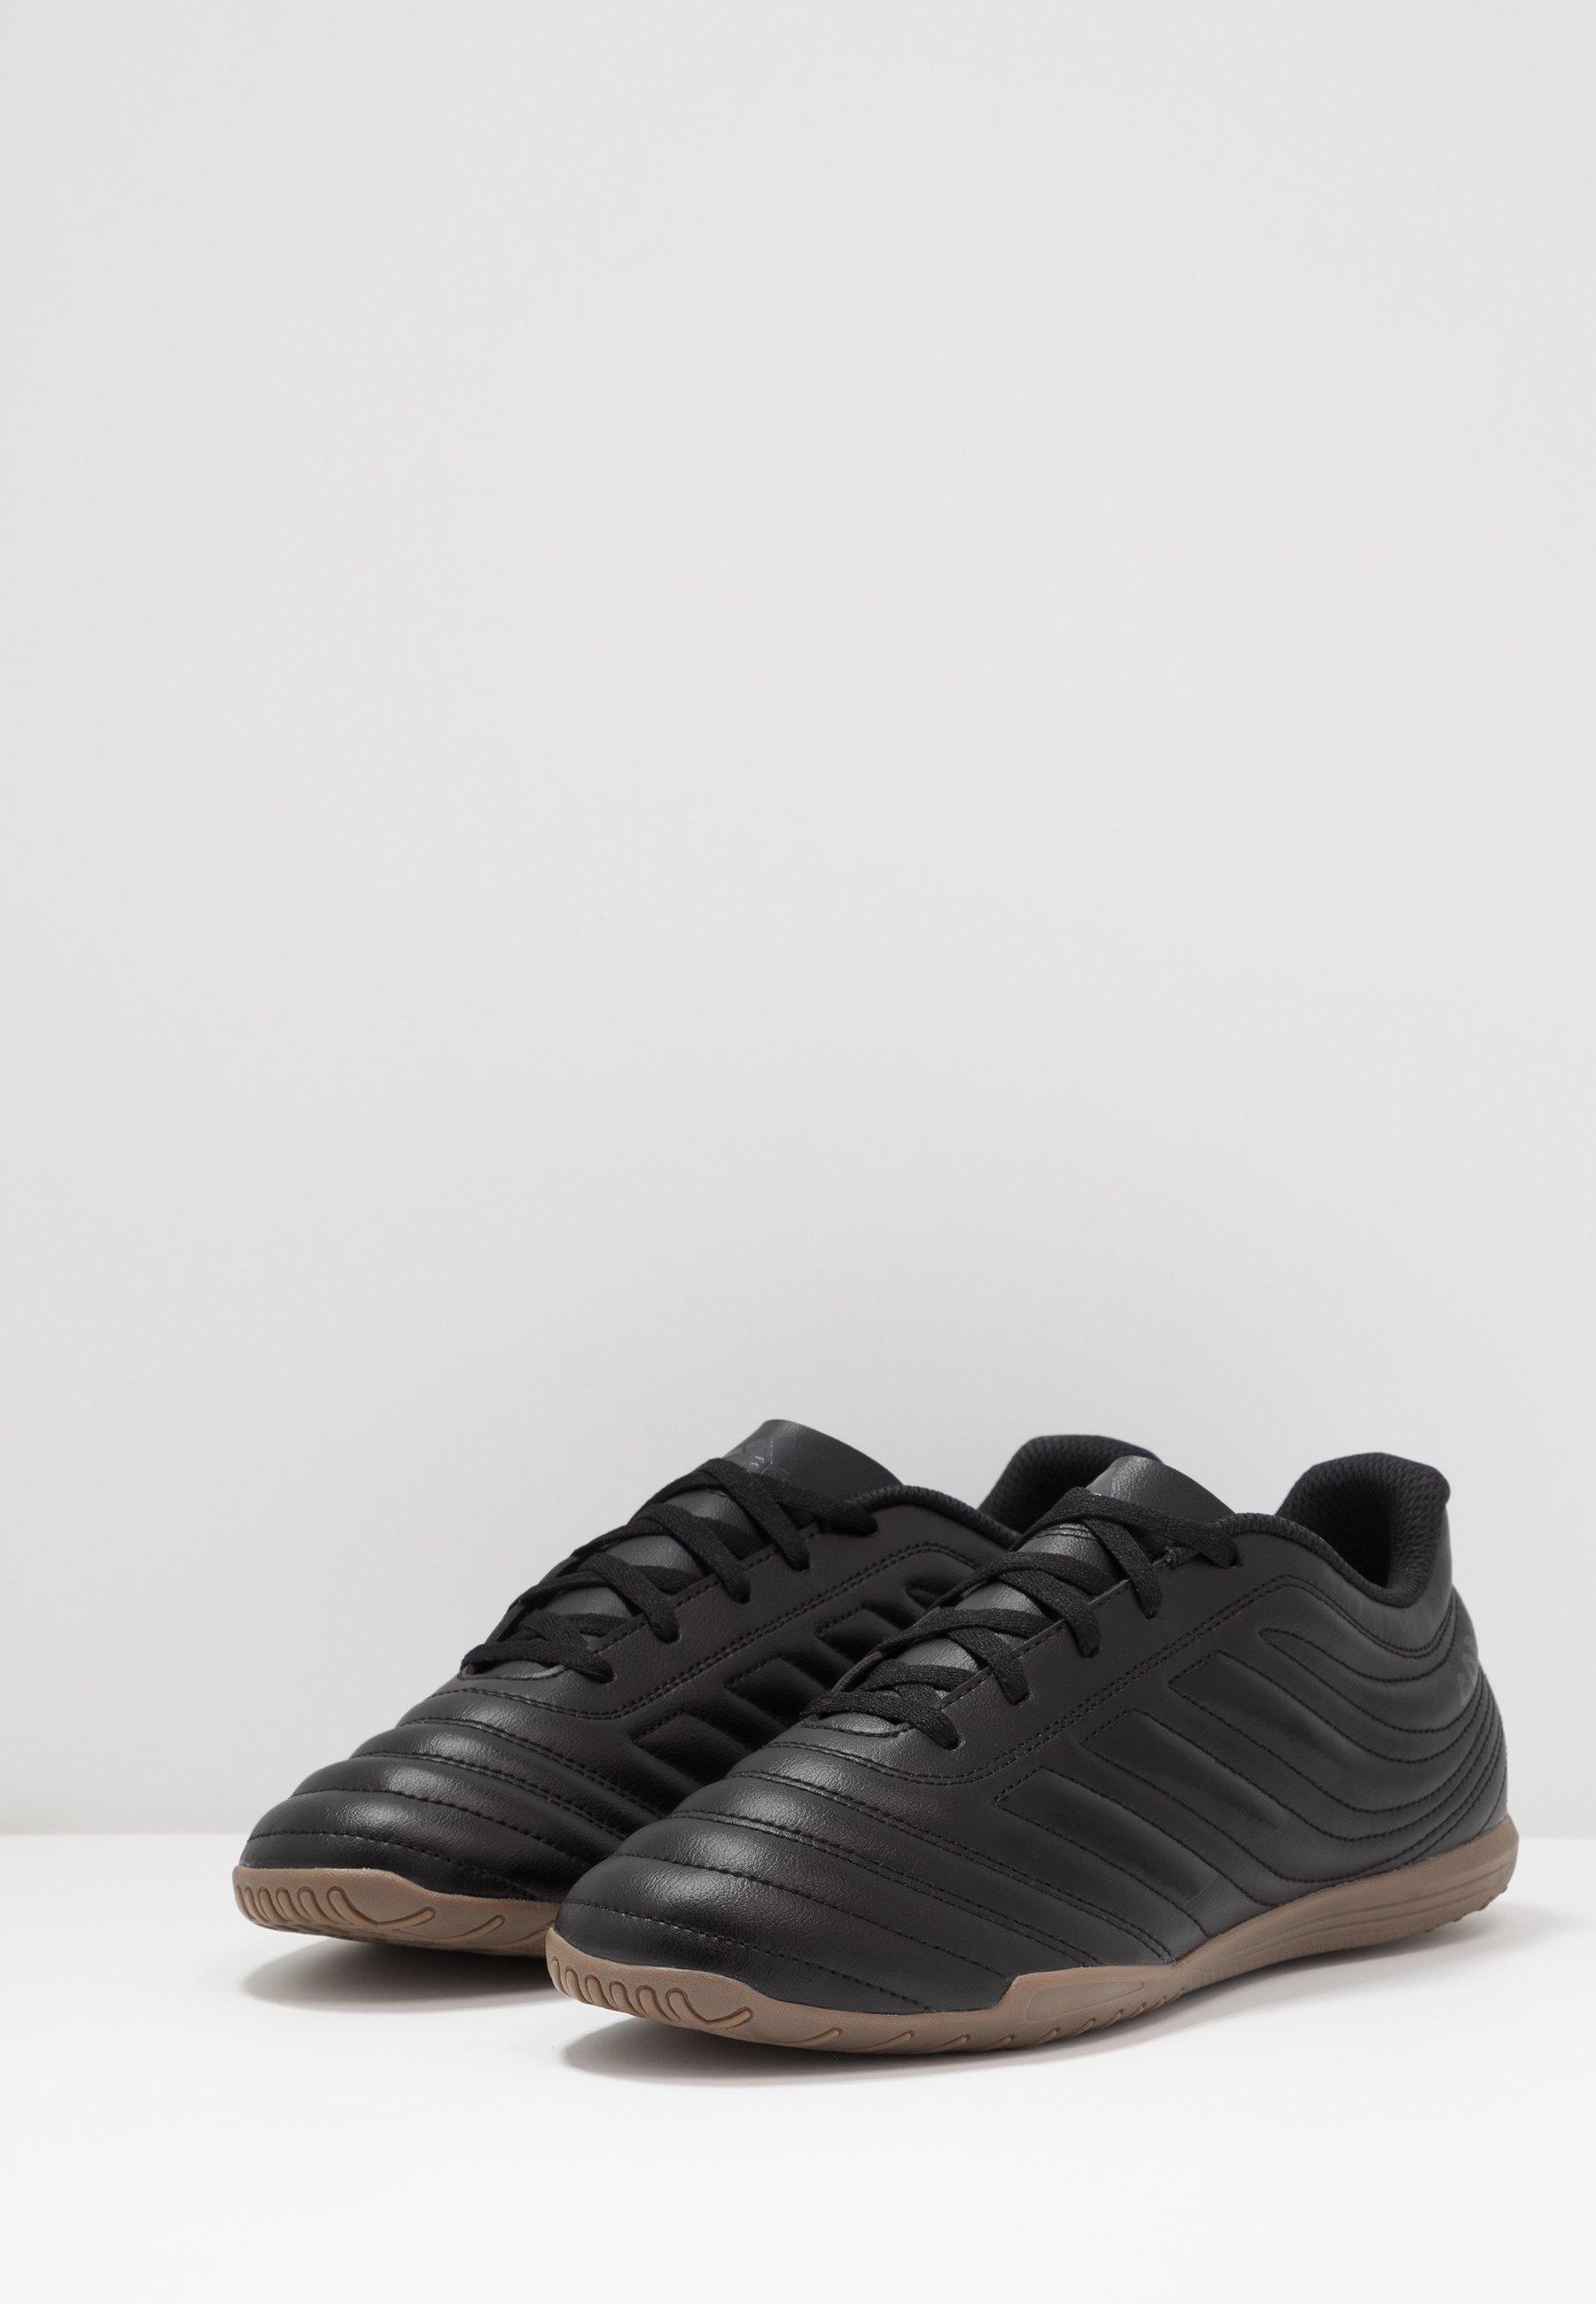 adidas Performance COPA 20.4 IN - Scarpe da calcetto - core black/solid grey wpYwnWY4